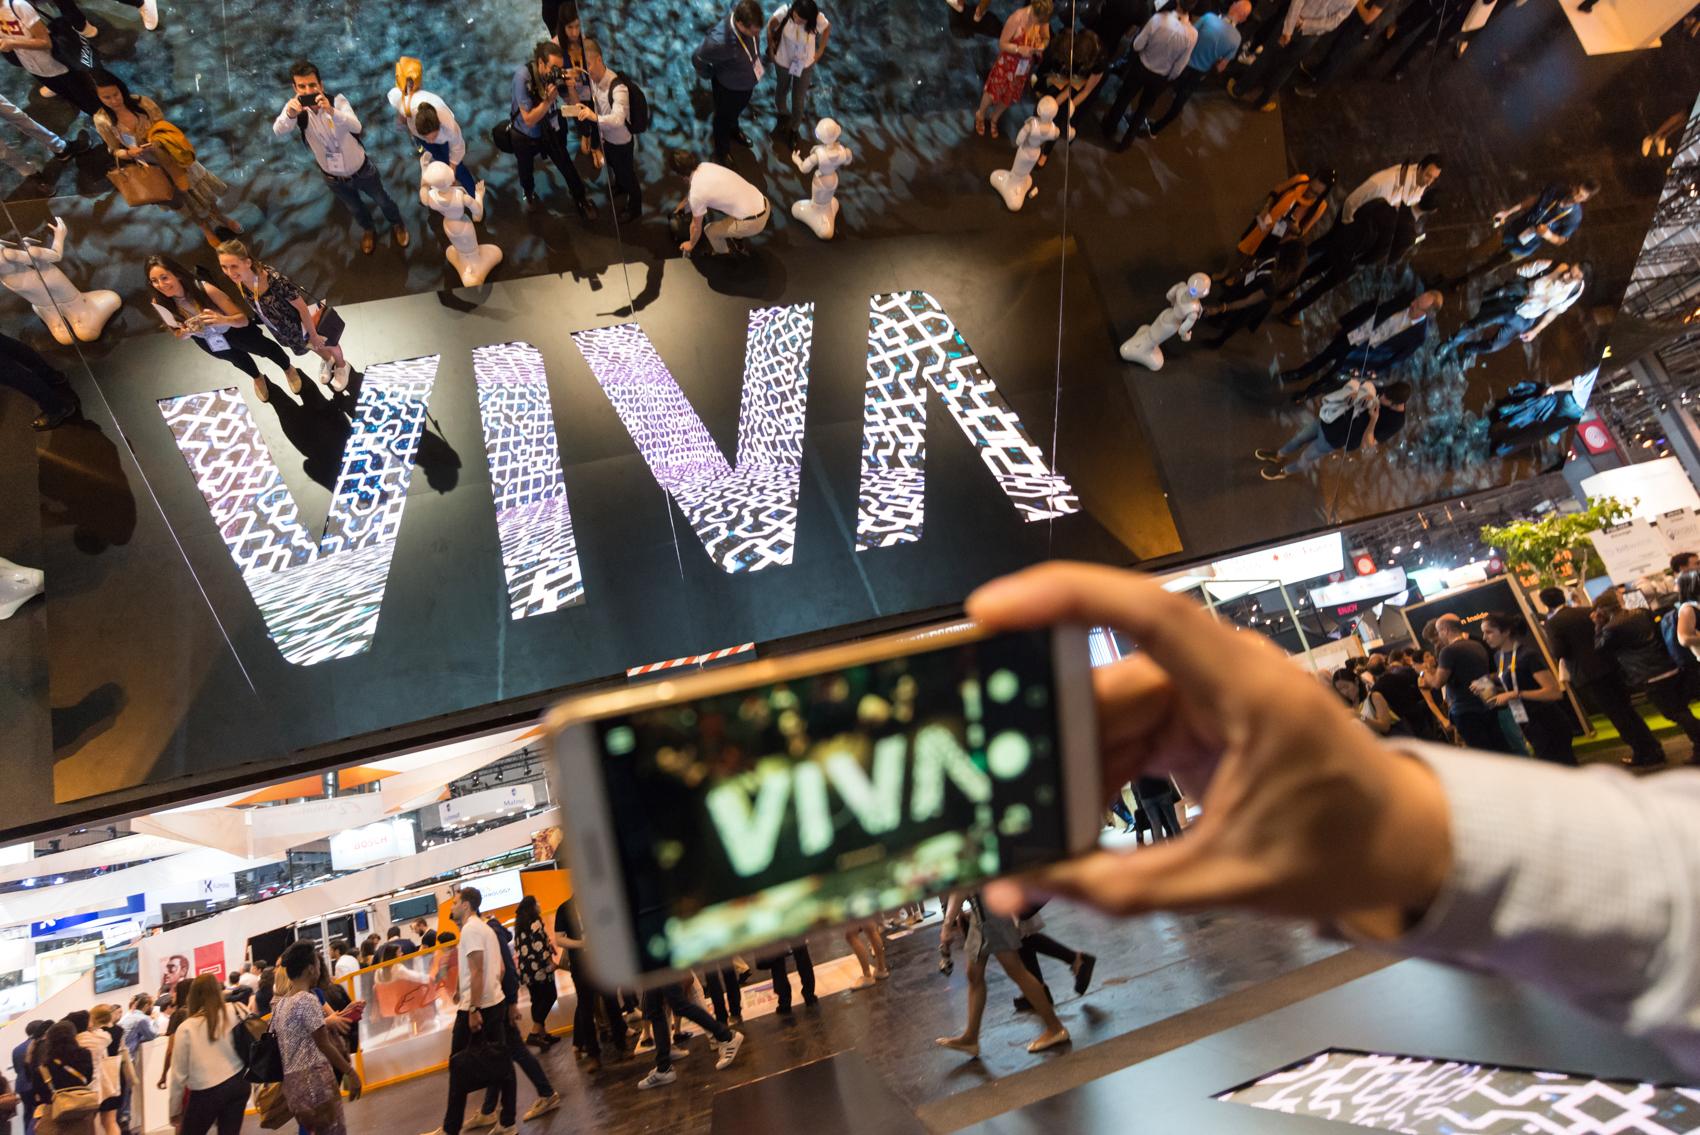 agence photo événementiel Salon Vivatech